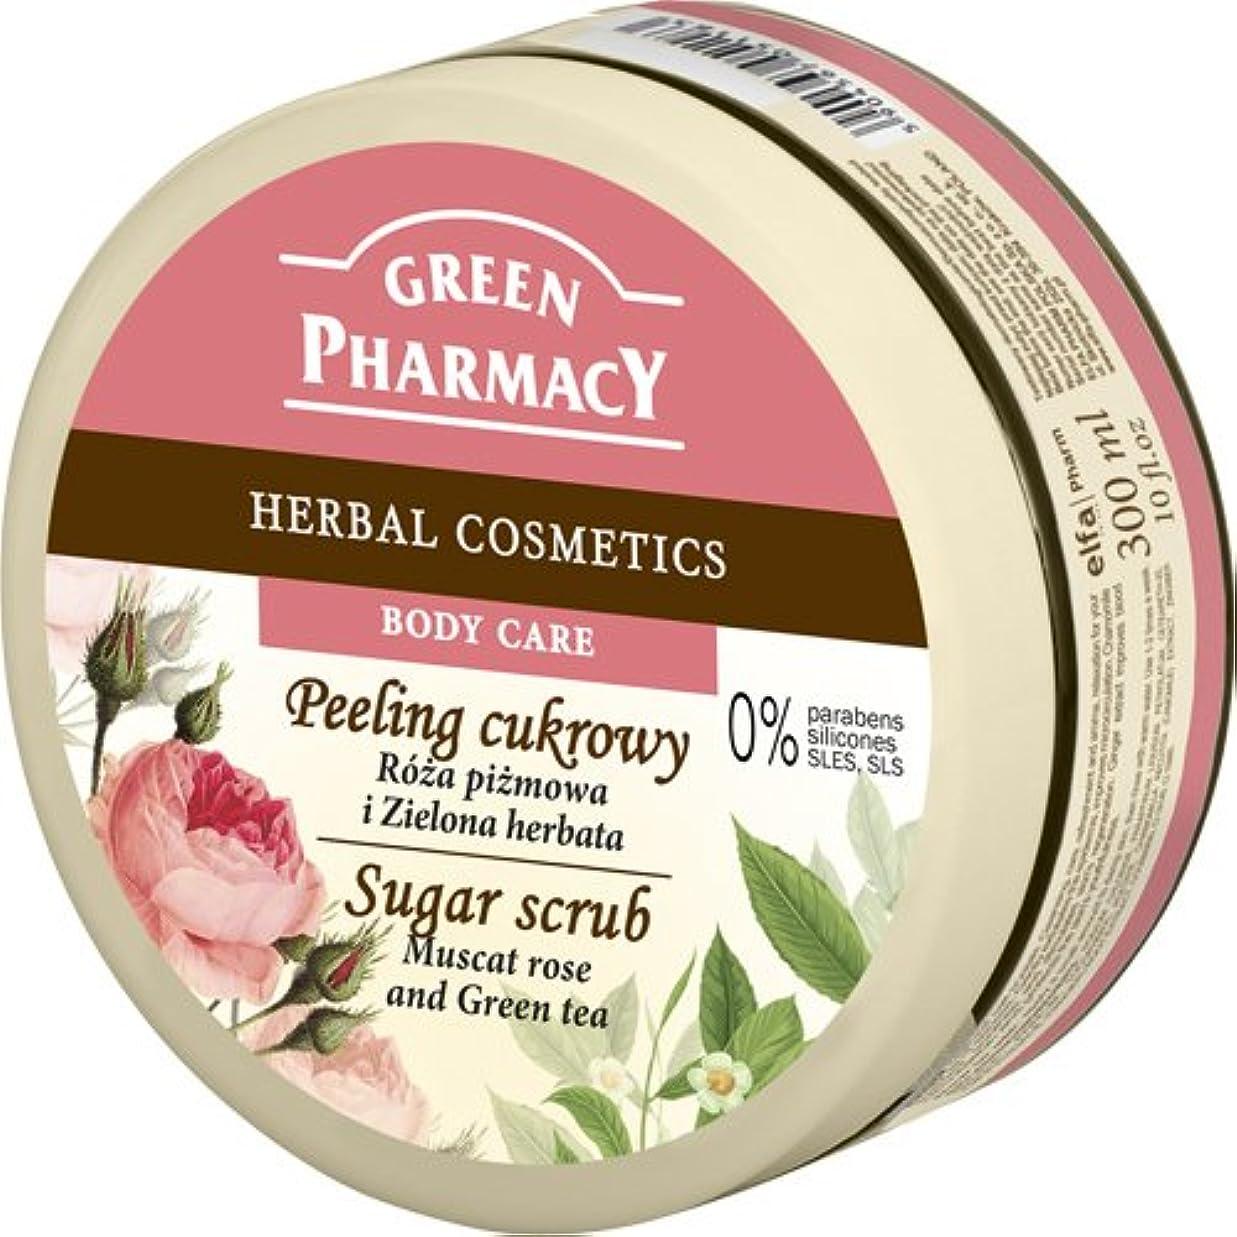 郵便物贅沢な私たち自身Elfa Pharm Green Pharmacy Sugar Scrub シュガースクラブ Muscat Rose and Green Tea